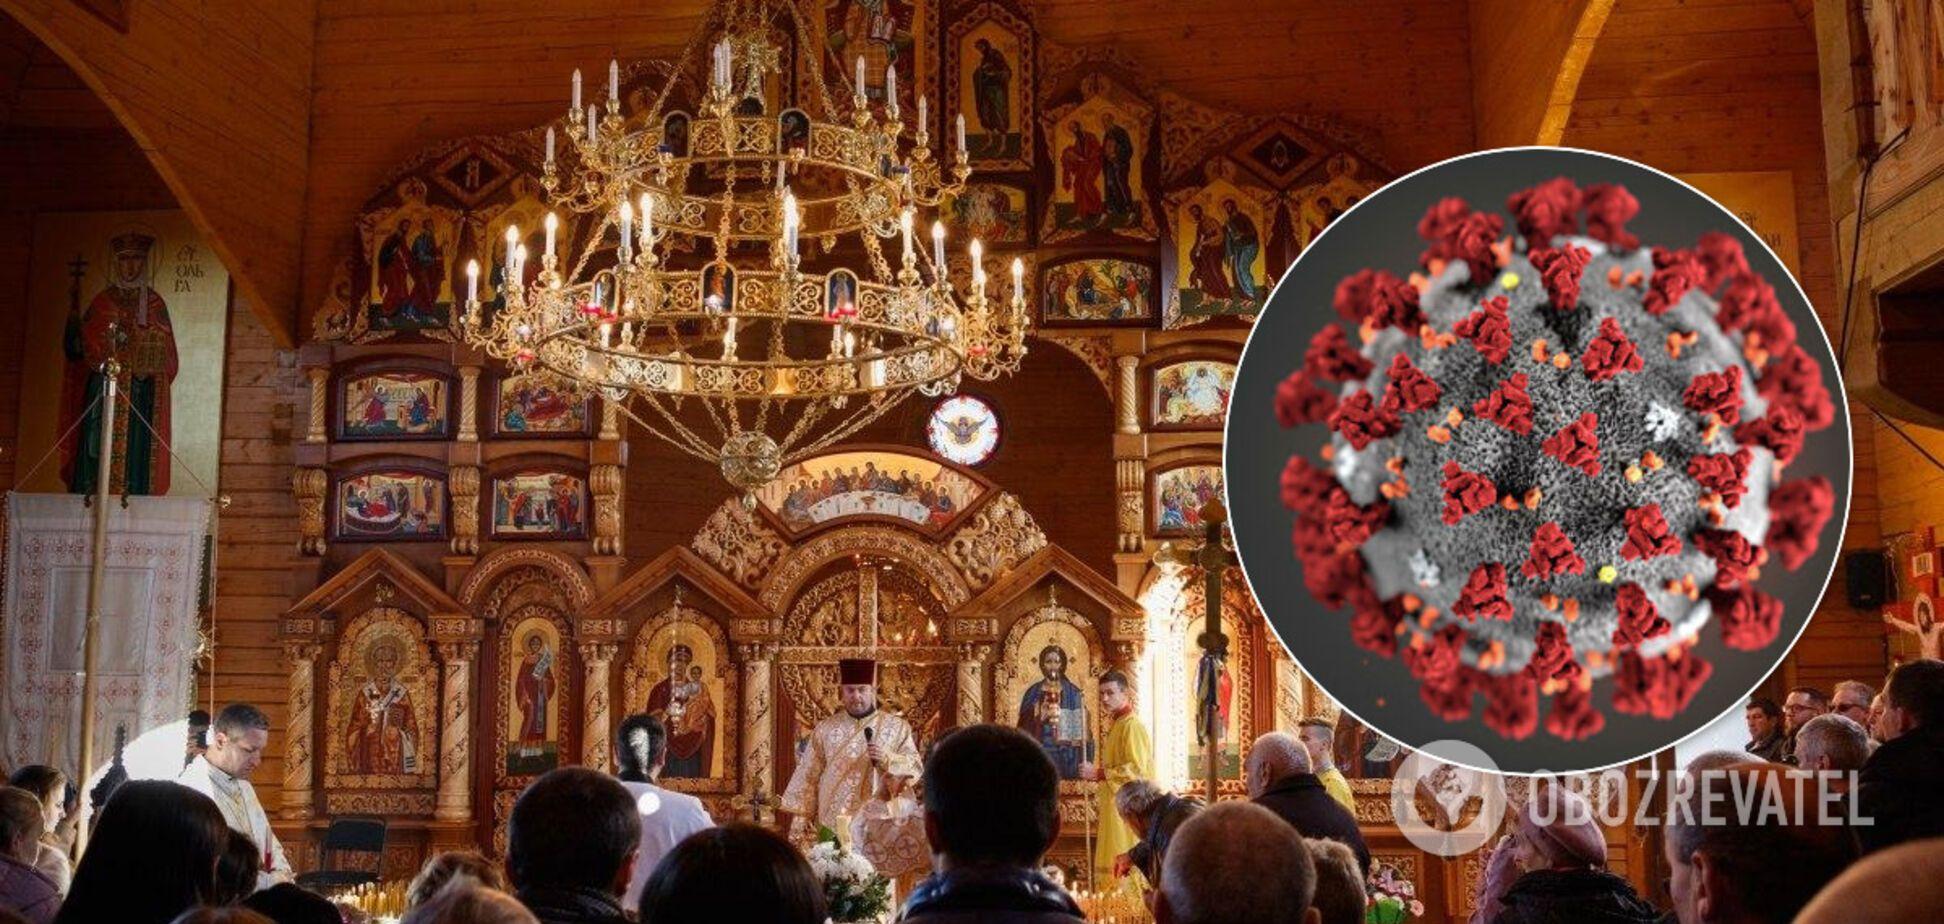 Коронавирус передается через причастие: в ПЦУ заявили о богохульстве